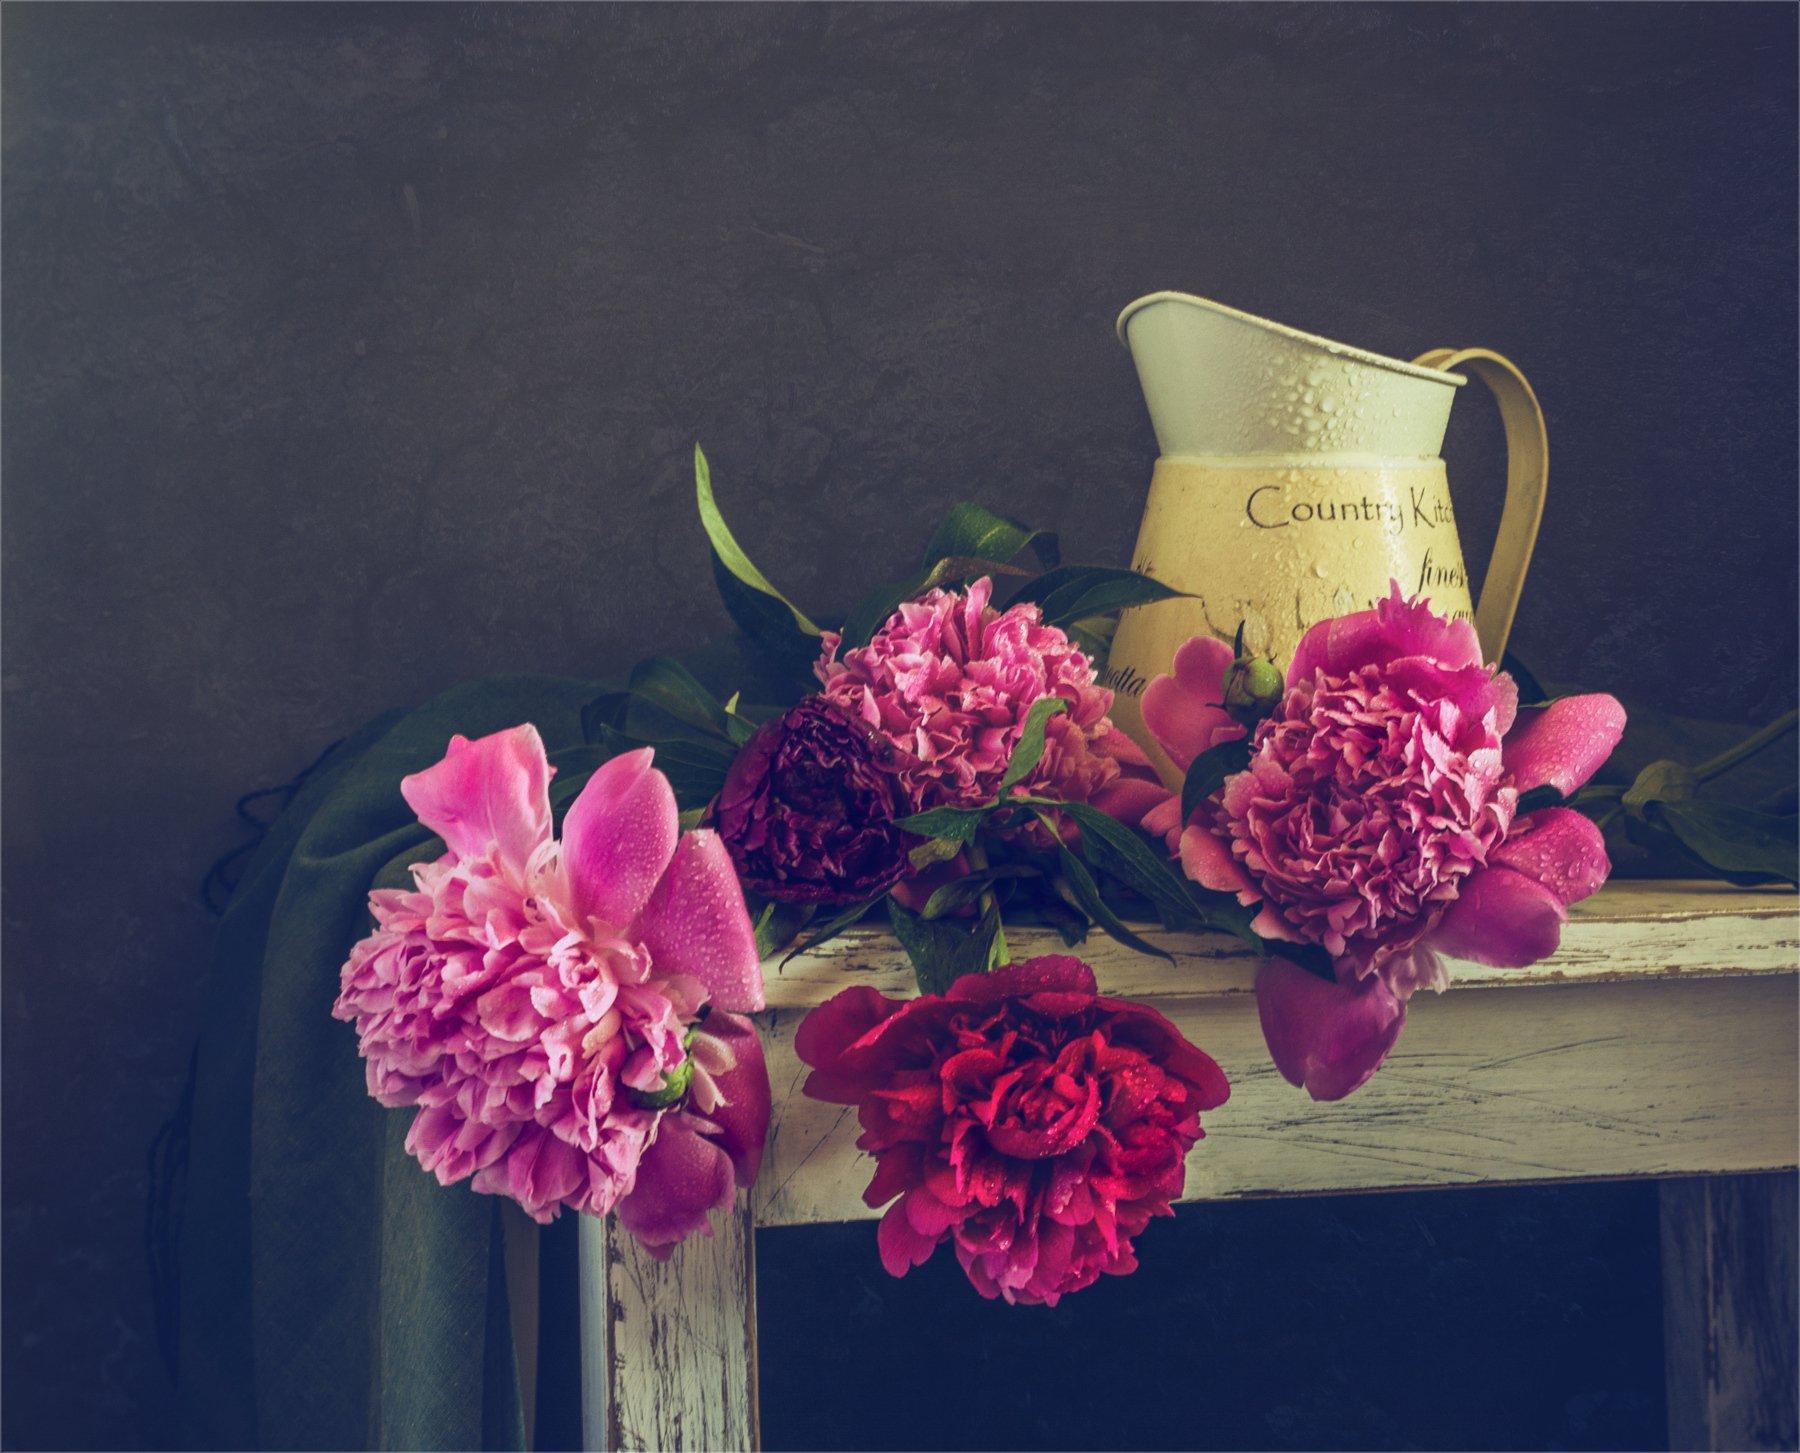 still life, натюрморт,    растение, природа,   кувшин,  винтаж, ретро, цветы, пионы, букет, капли, вода, Михаил MSH